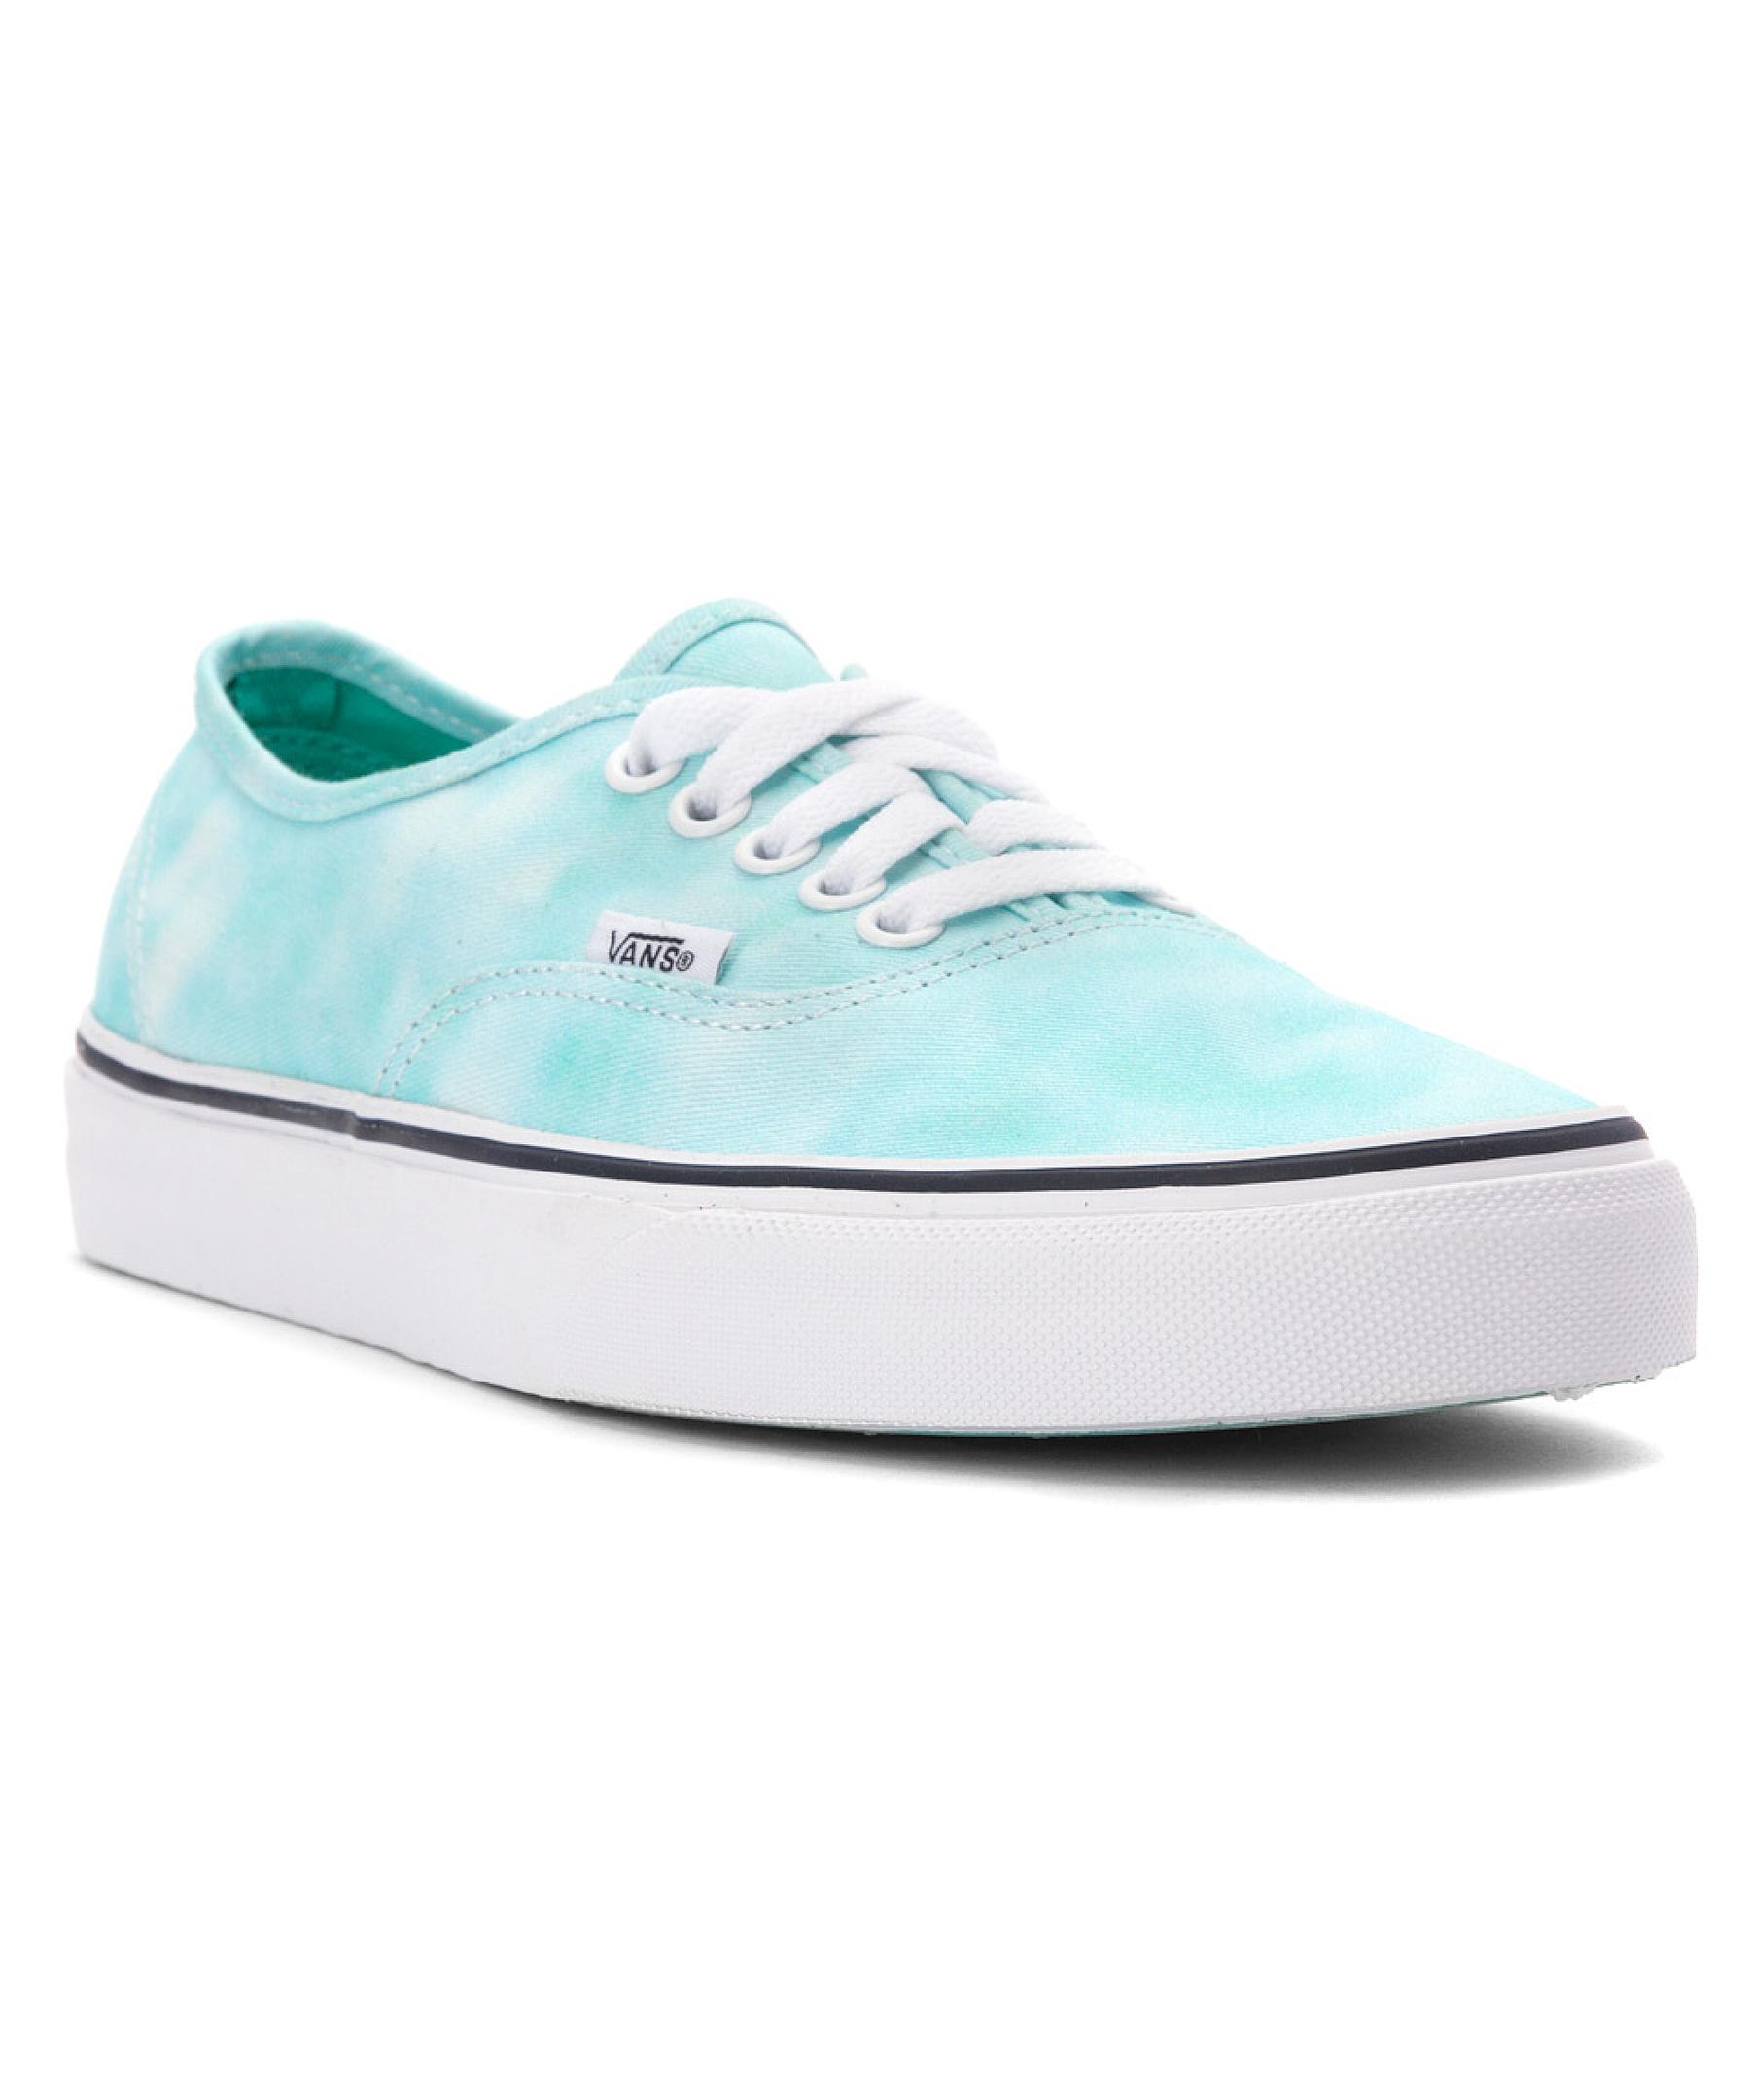 ee6b07f168 Lyst - Vans Women s Authenticâ¿ Skateboarding Shoes in Blue